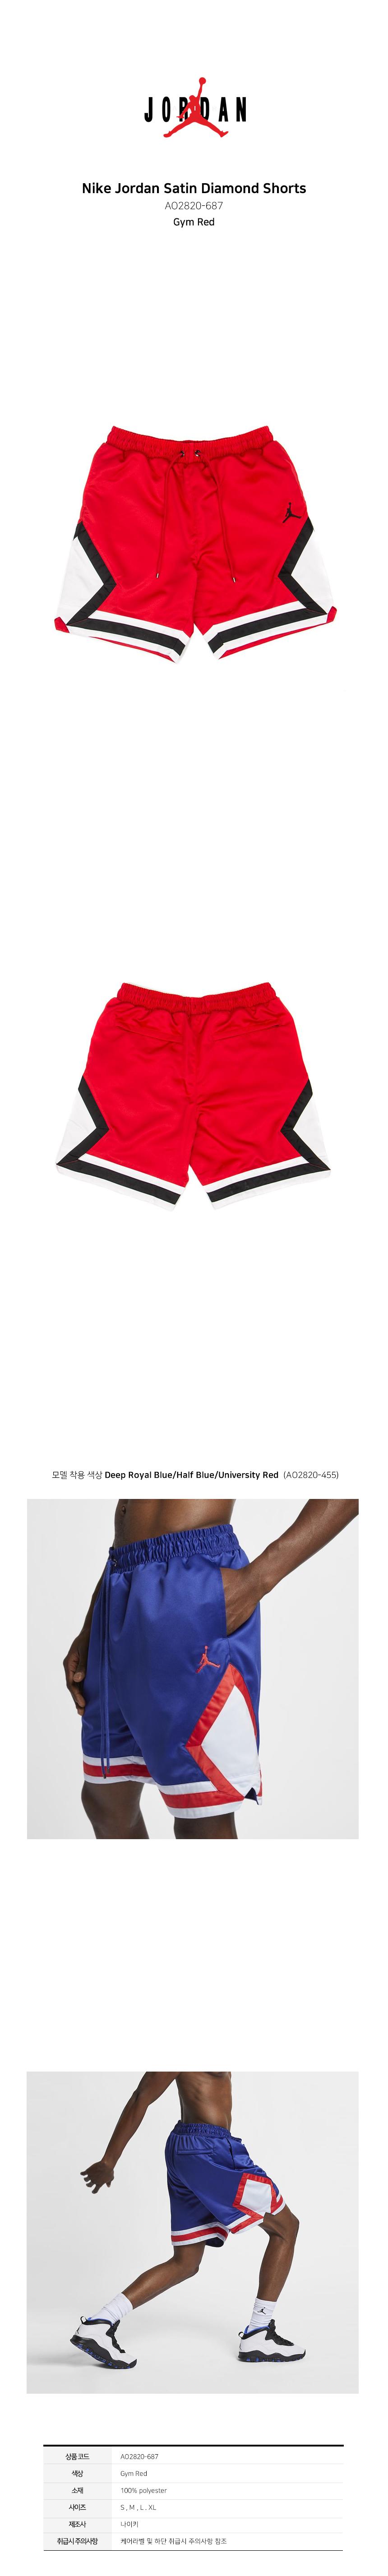 [해외] 나이키 조던 사틴 다이아몬드 쇼츠 레드 AO2820-687